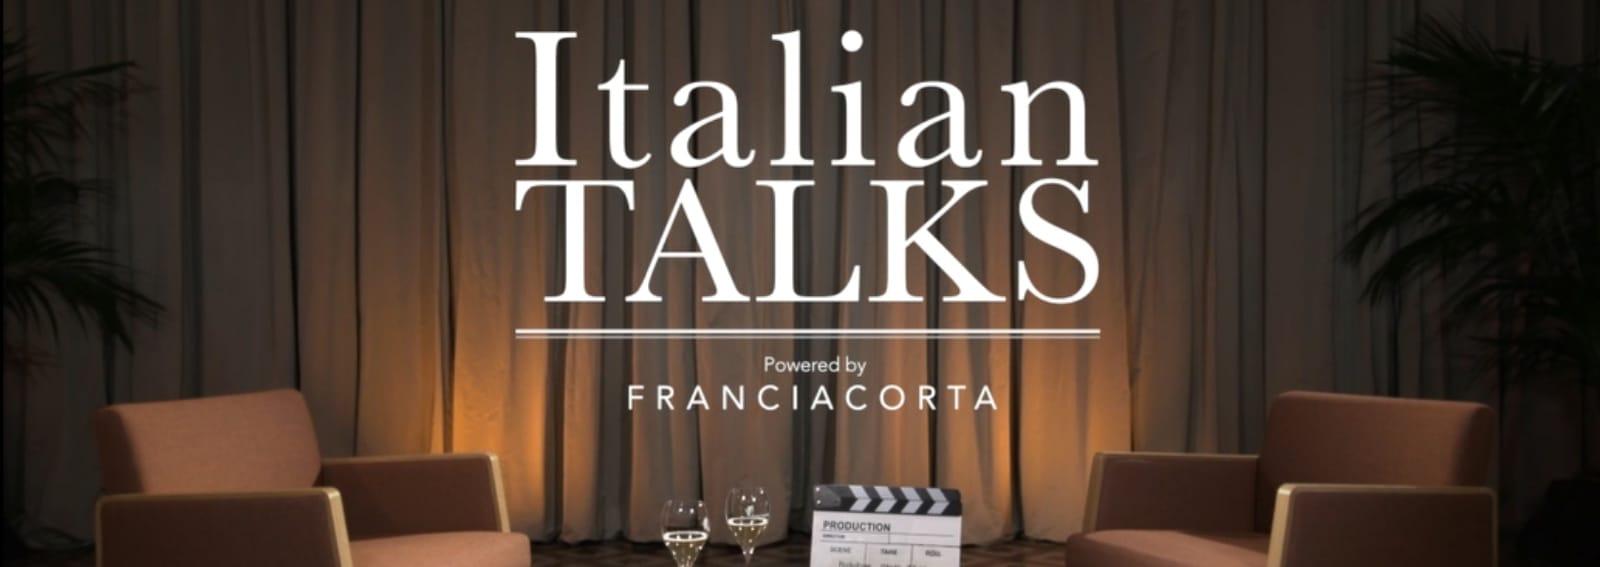 Italian Talks-2